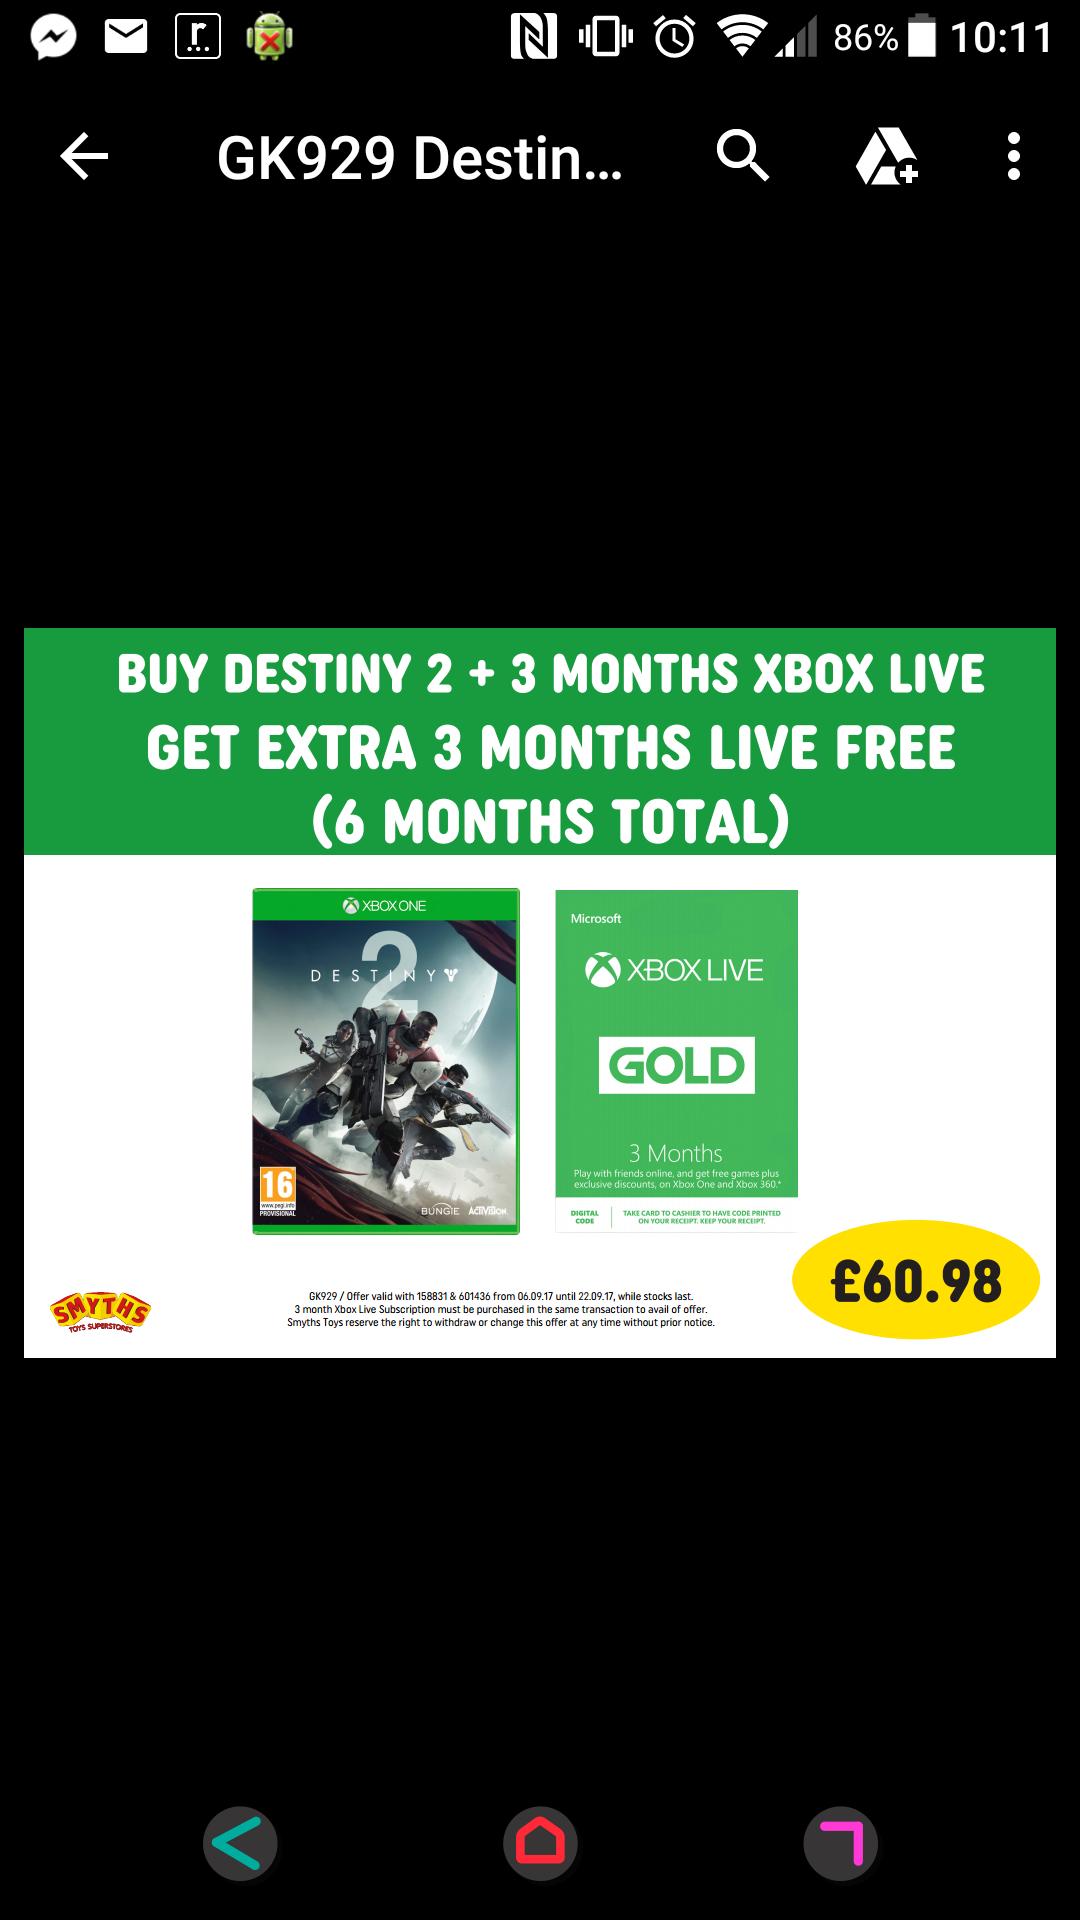 Destiny 2 + 6 months Xbox live £60.98 smyths toys  INSTORE ONLY